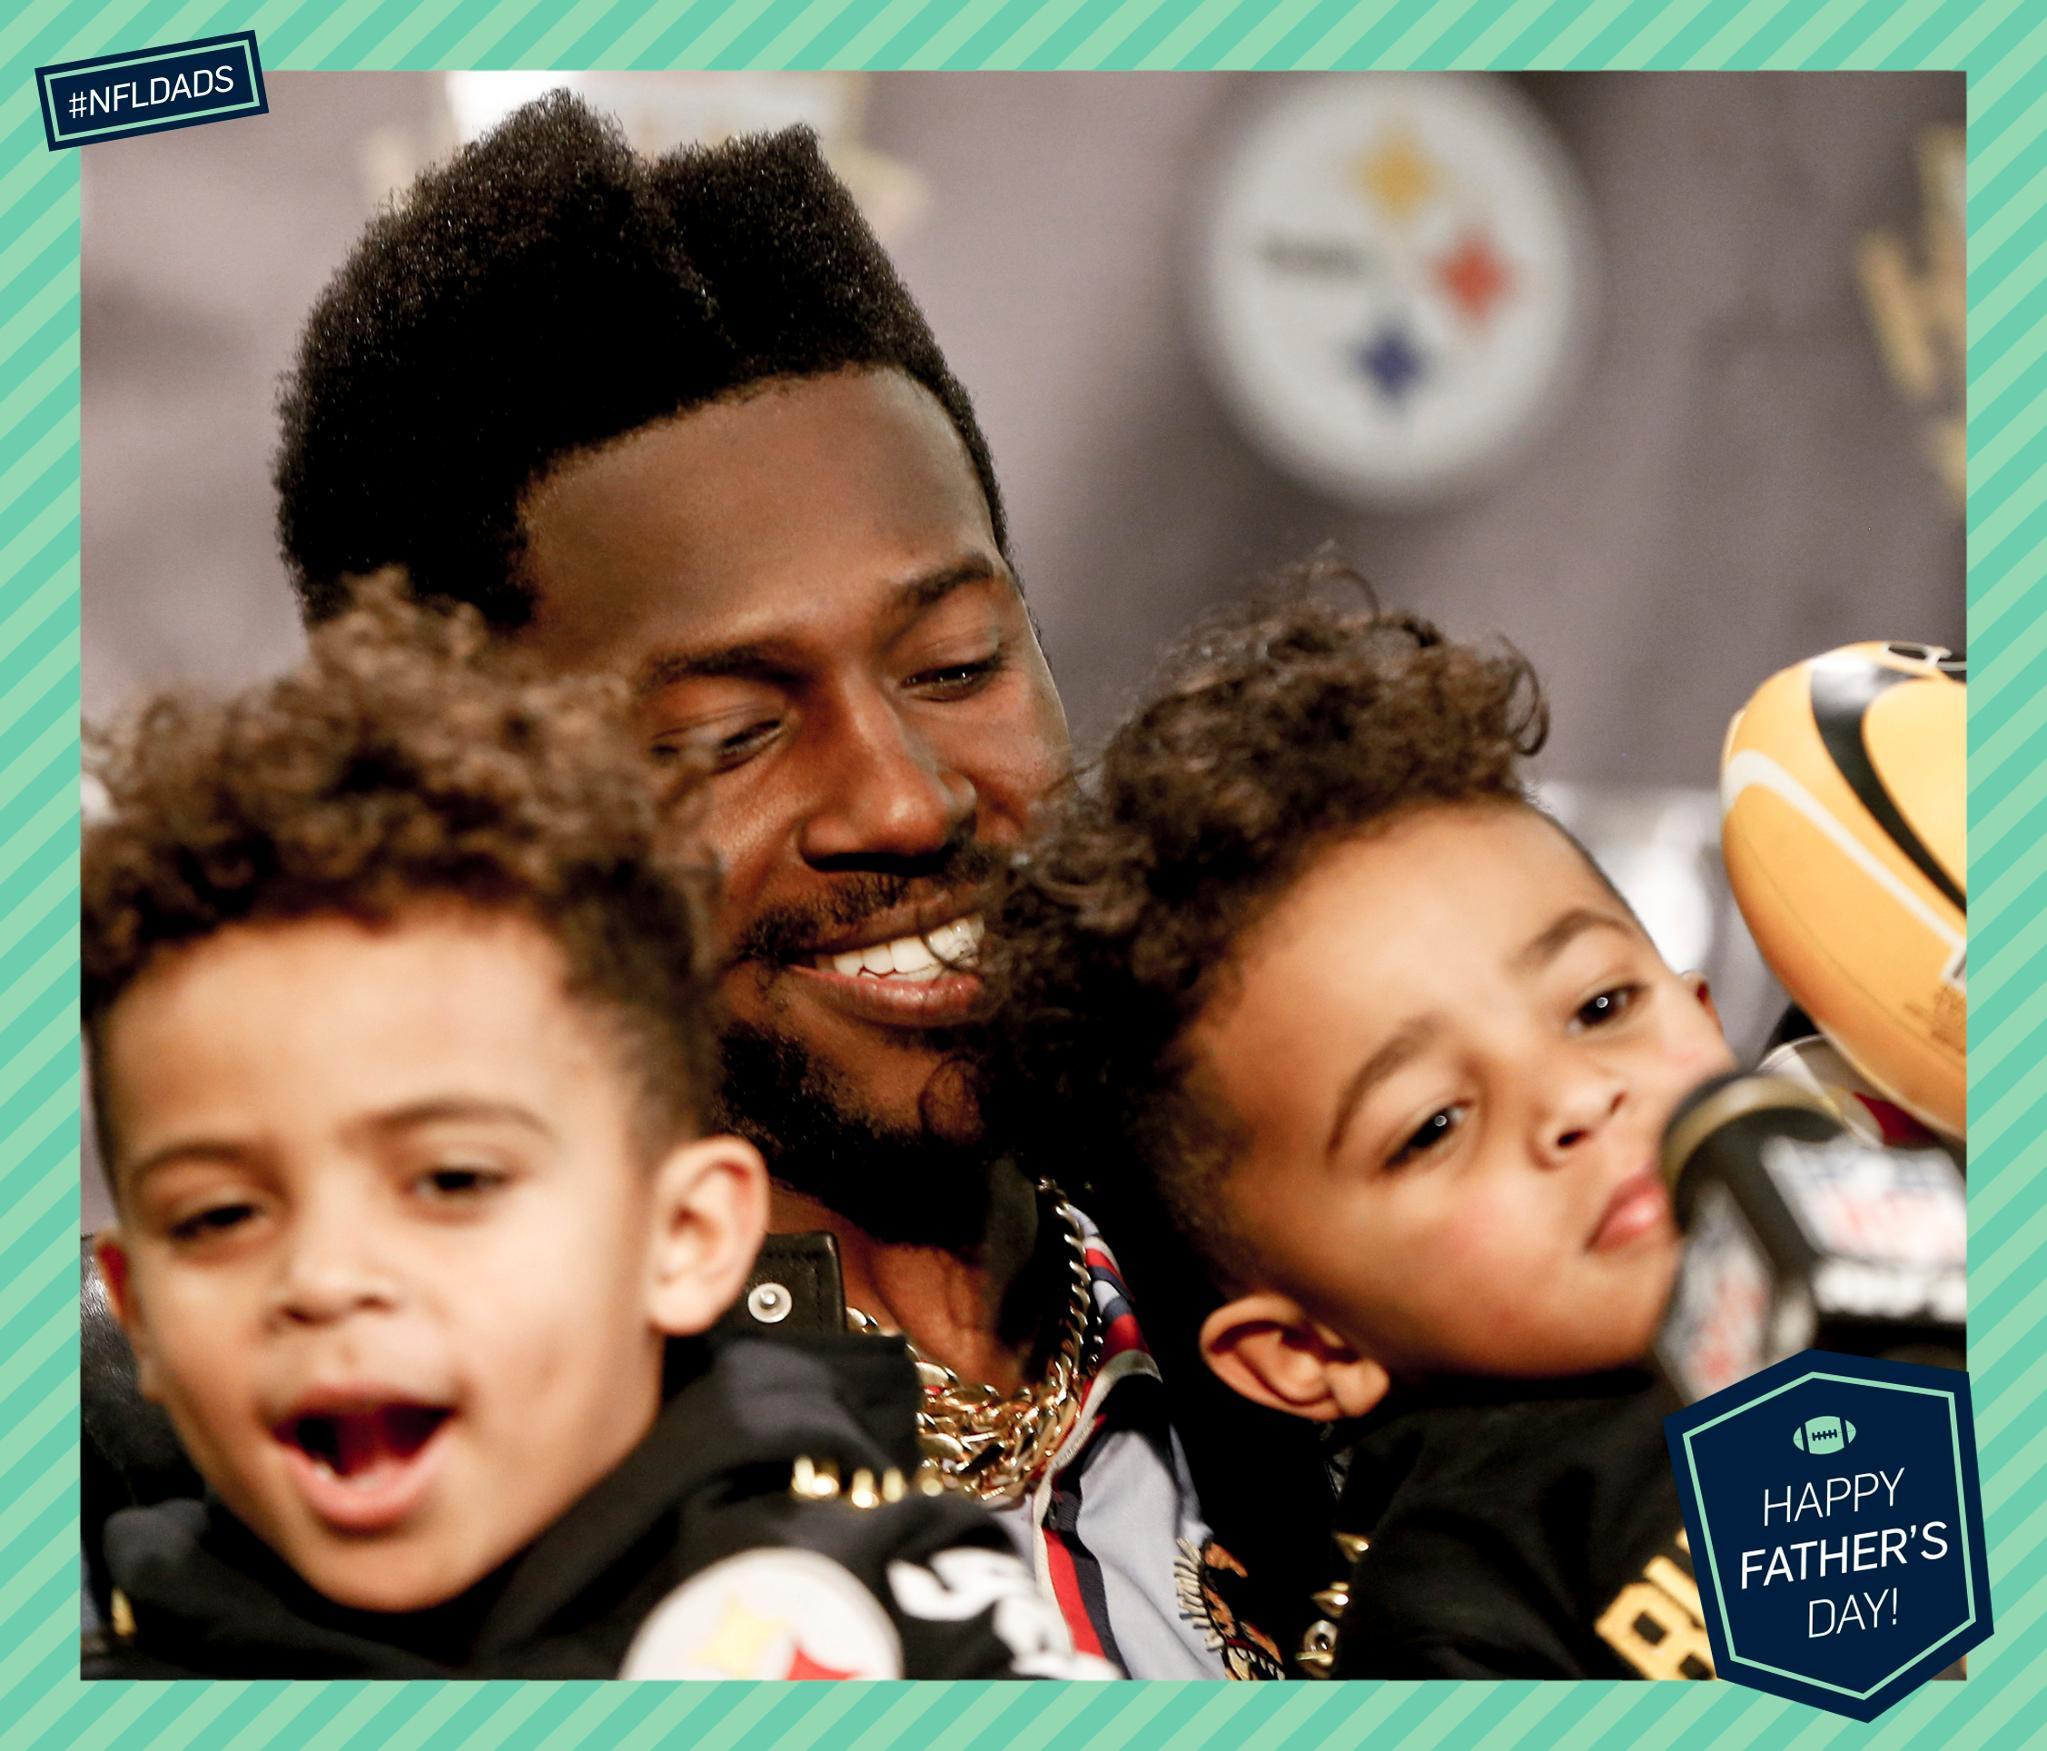 .@AB84 + little ��s!   #FathersDay #NFLDads https://t.co/FeM2N5pMGu